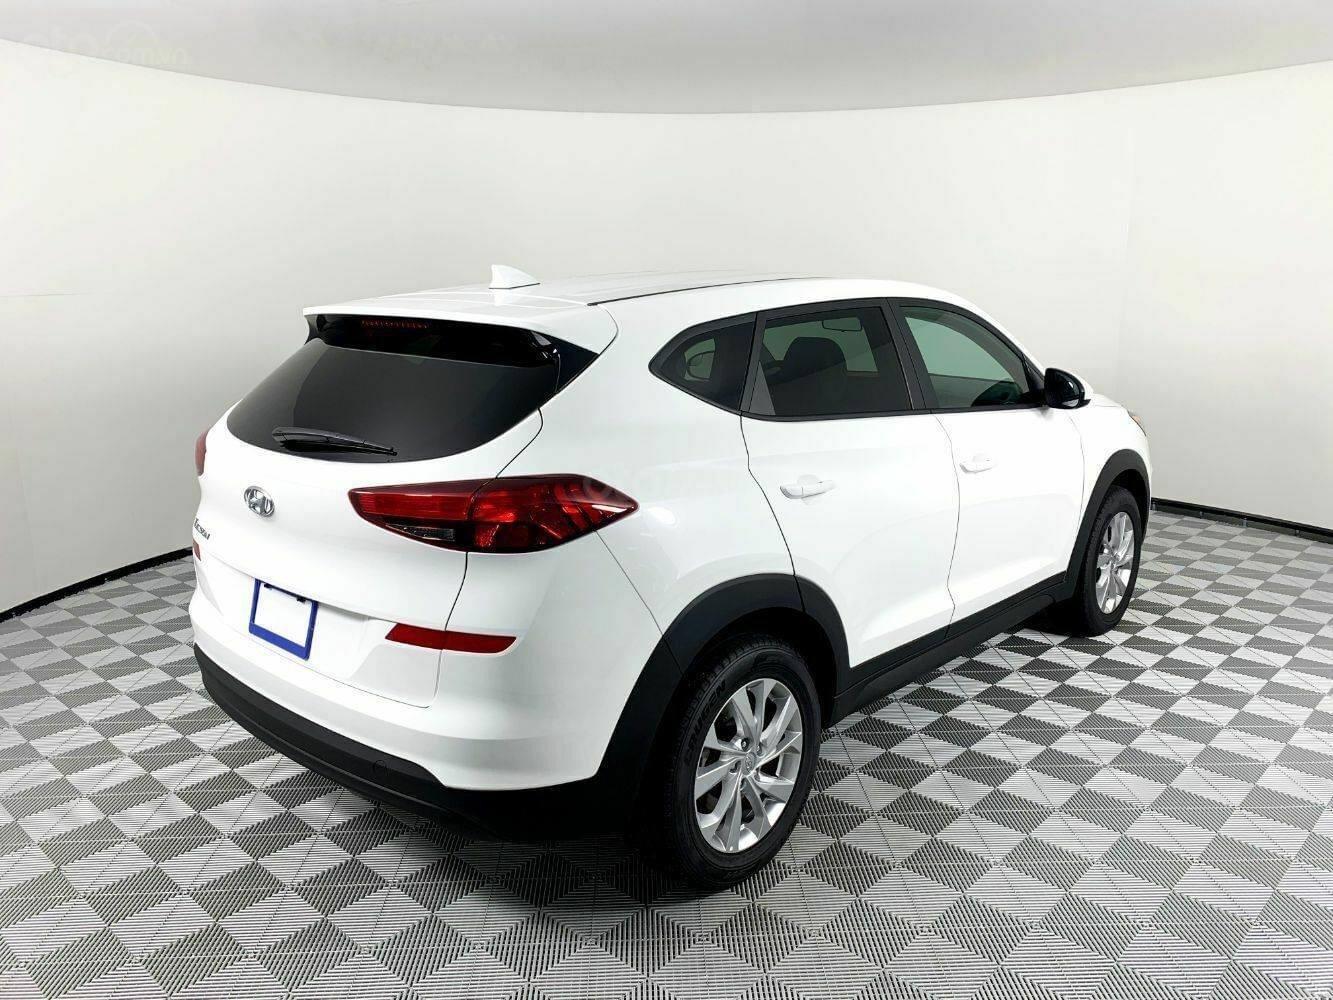 [TPHCM] Hyundai Tucson sẵn kho, đủ màu, hỗ trợ vay lên đến 85%+ chương trình khuyến mãi hấp dẫn (6)